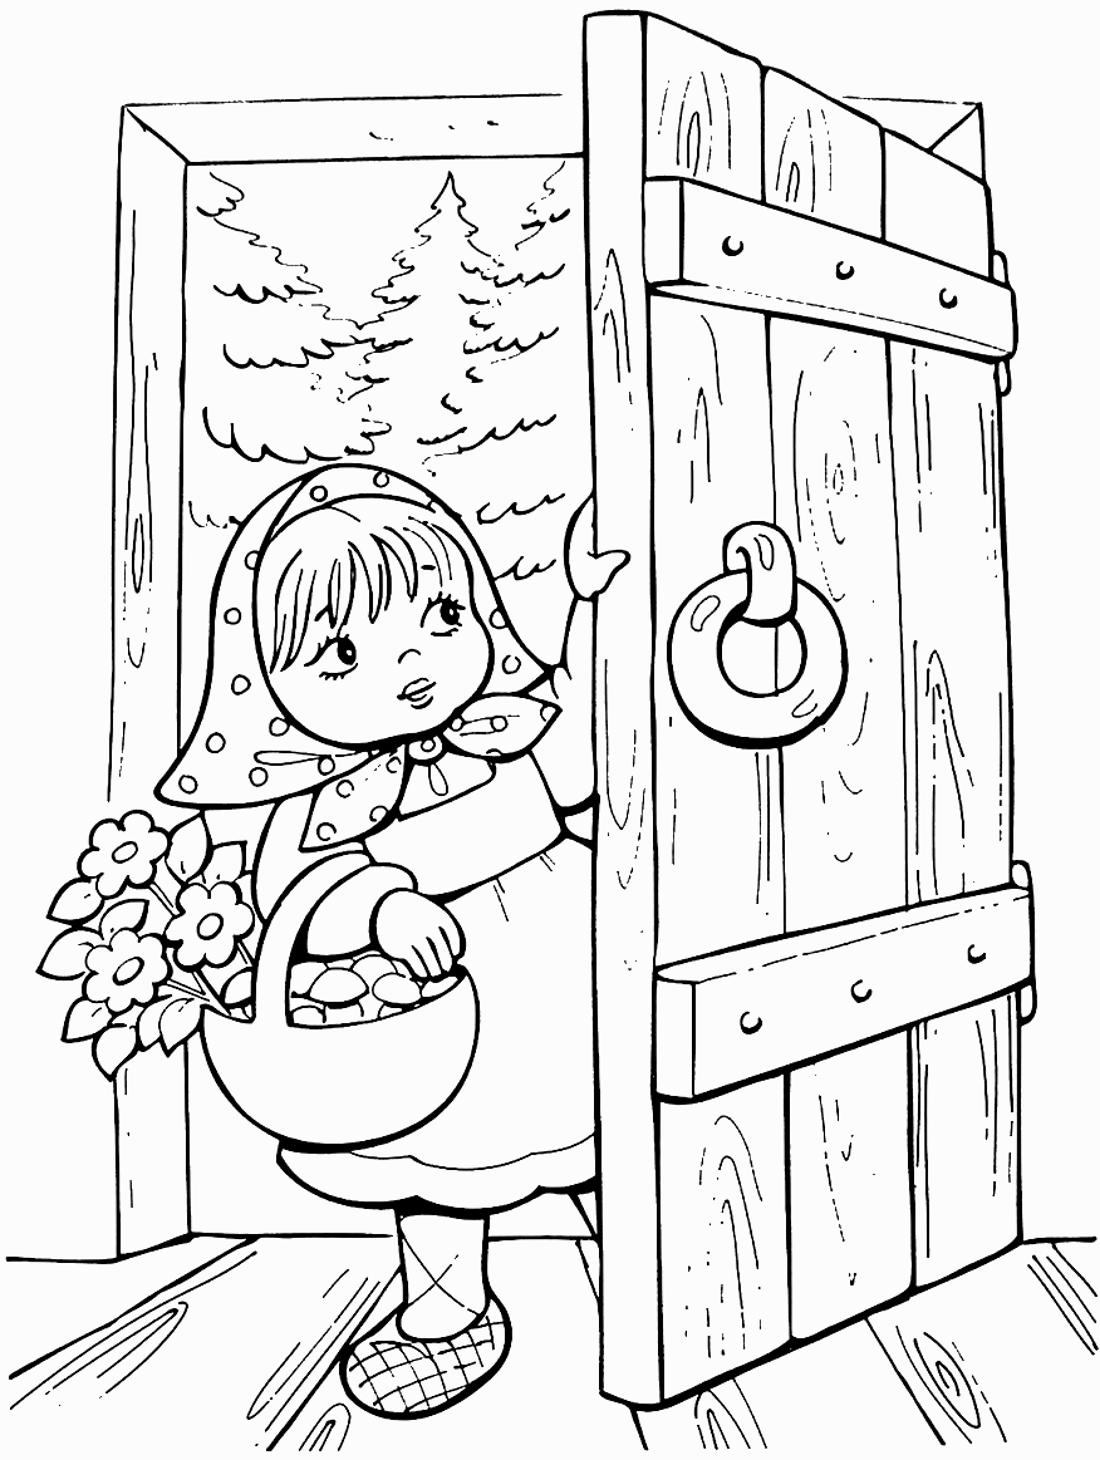 Картинки к сказке маша и медведь раскраска